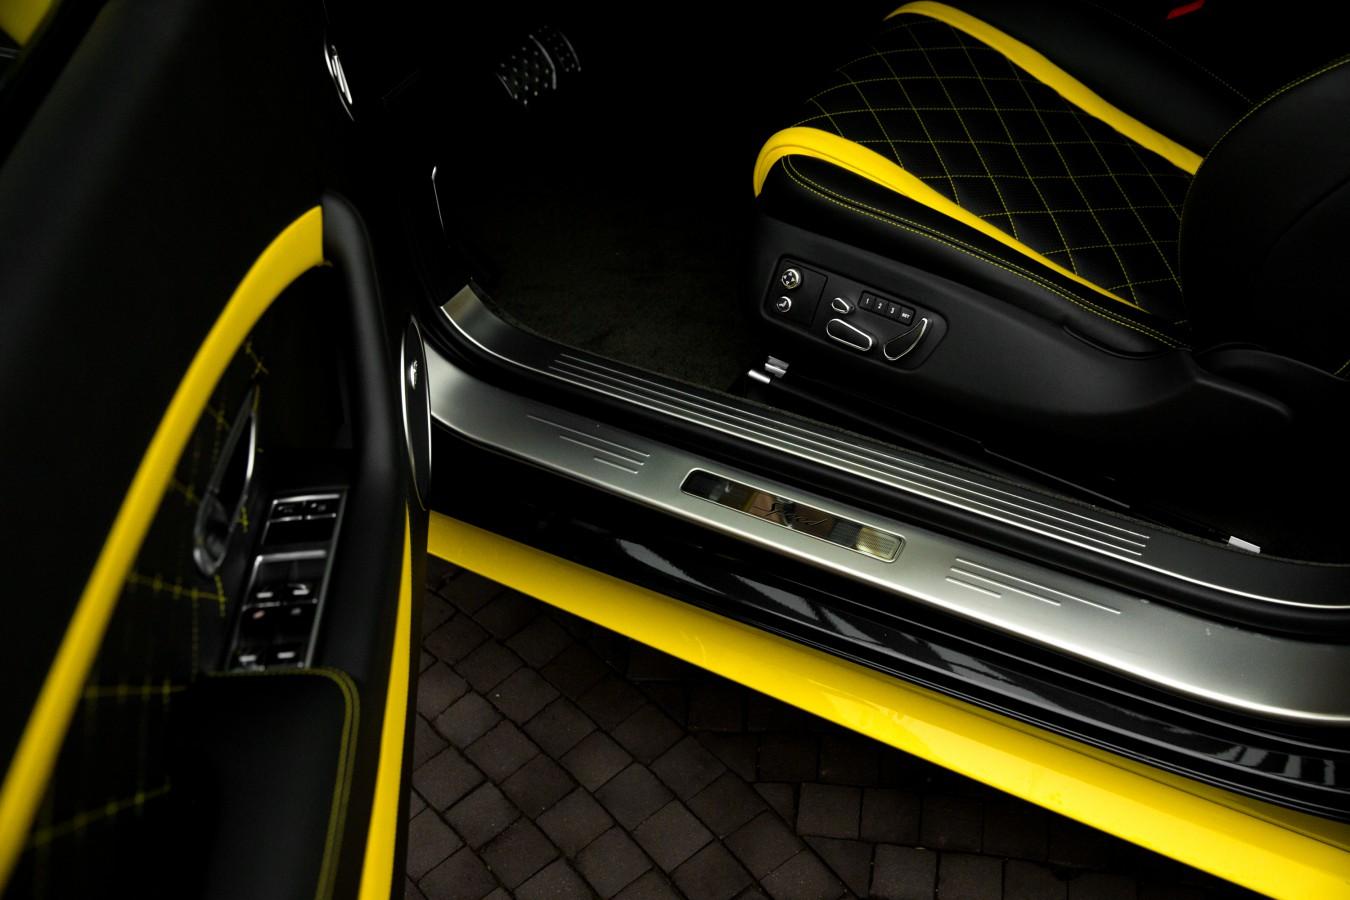 ОБНОВЛЕННЫЙ CONTINENTAL GT SPEED В ЭКСКЛЮЗИВНОЙ МОДИФИКАЦИИ BLACK EDITION - изображение NICK9128 на Bentleymoscow.ru!